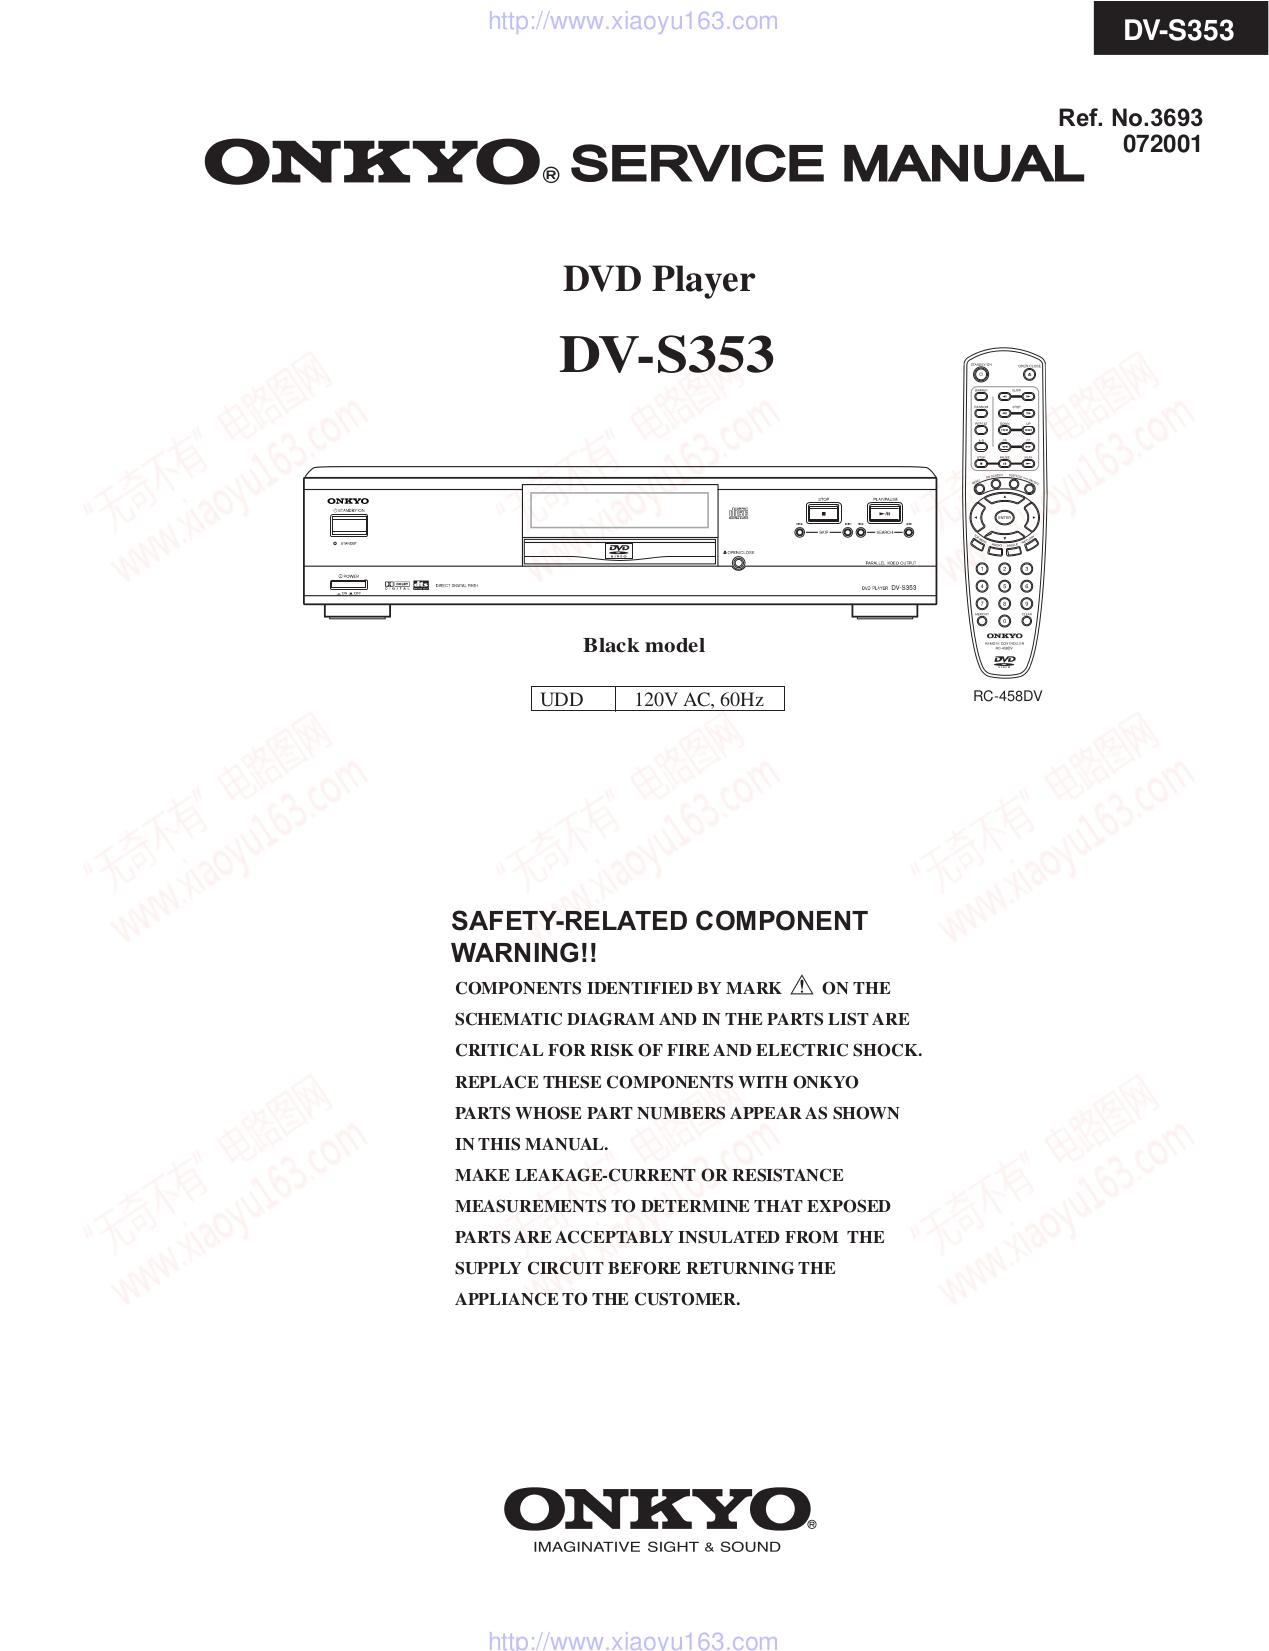 pdf for Onkyo DVD Players DV-S353 manual